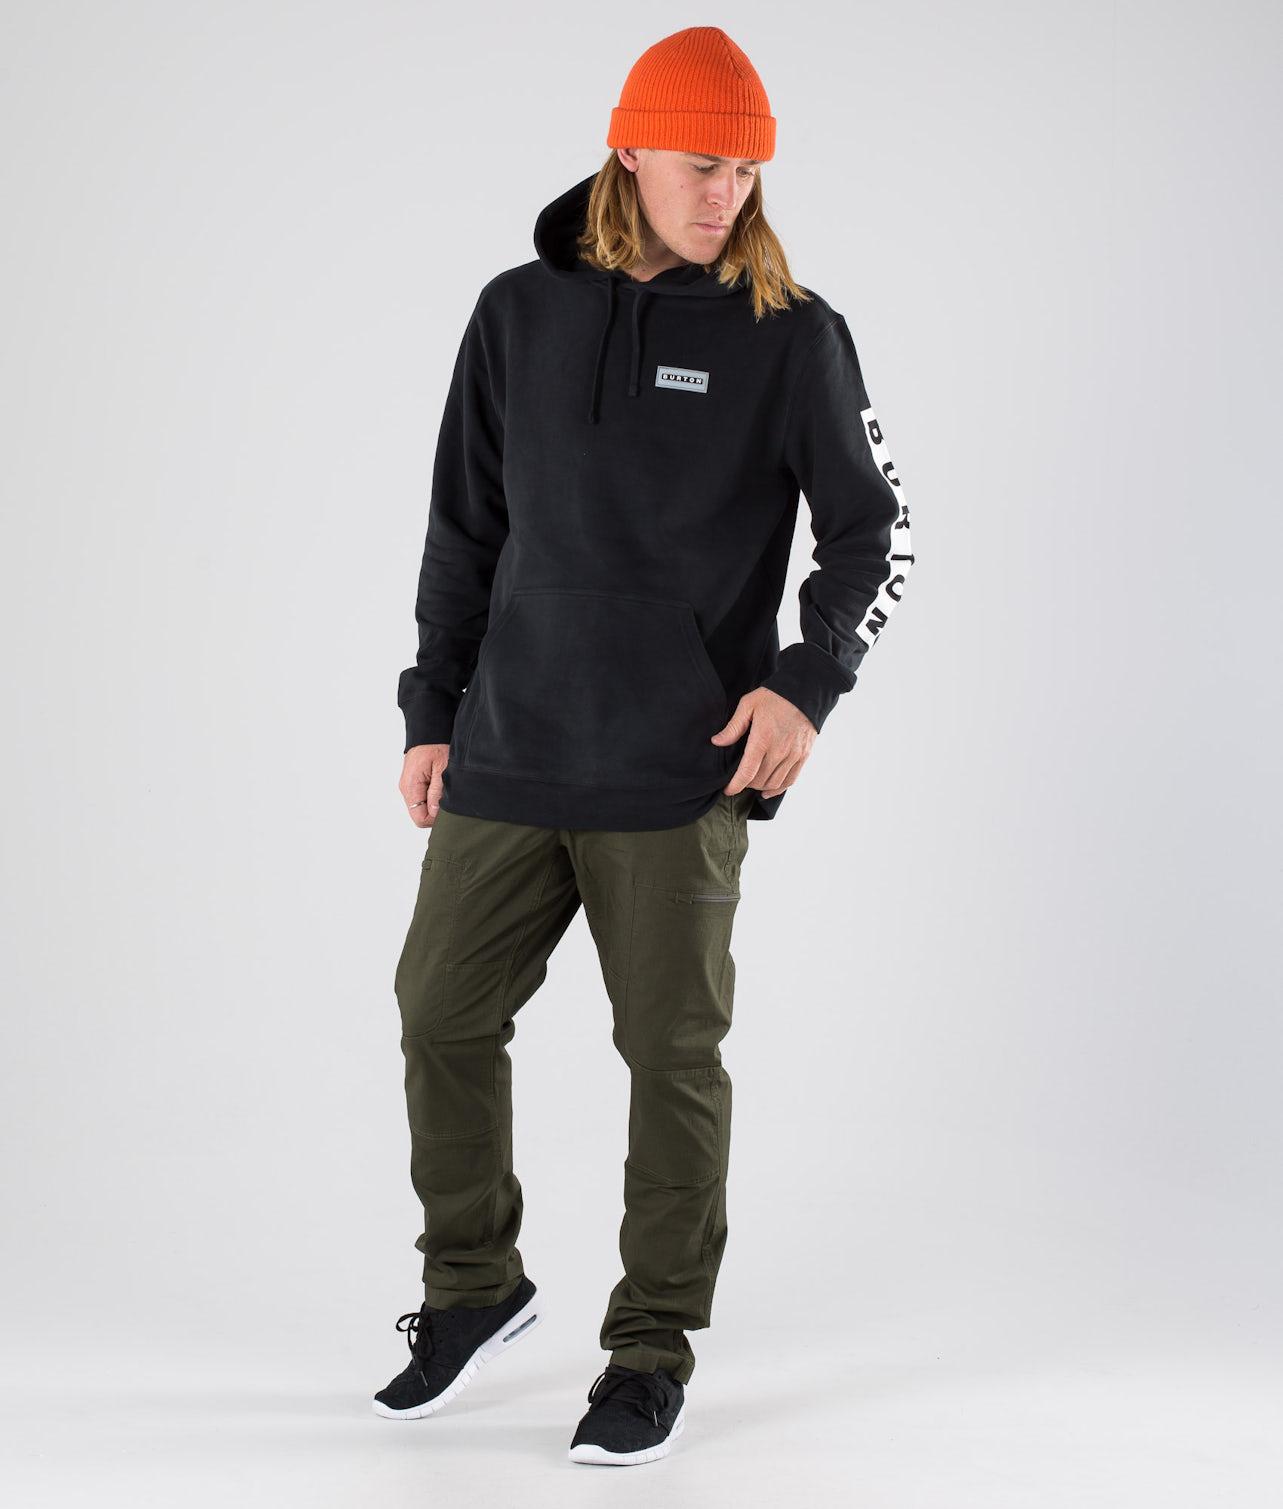 Kjøp Estevan Hood fra Burton på Ridestore.no - Hos oss har du alltid fri frakt, fri retur og 30 dagers åpent kjøp!